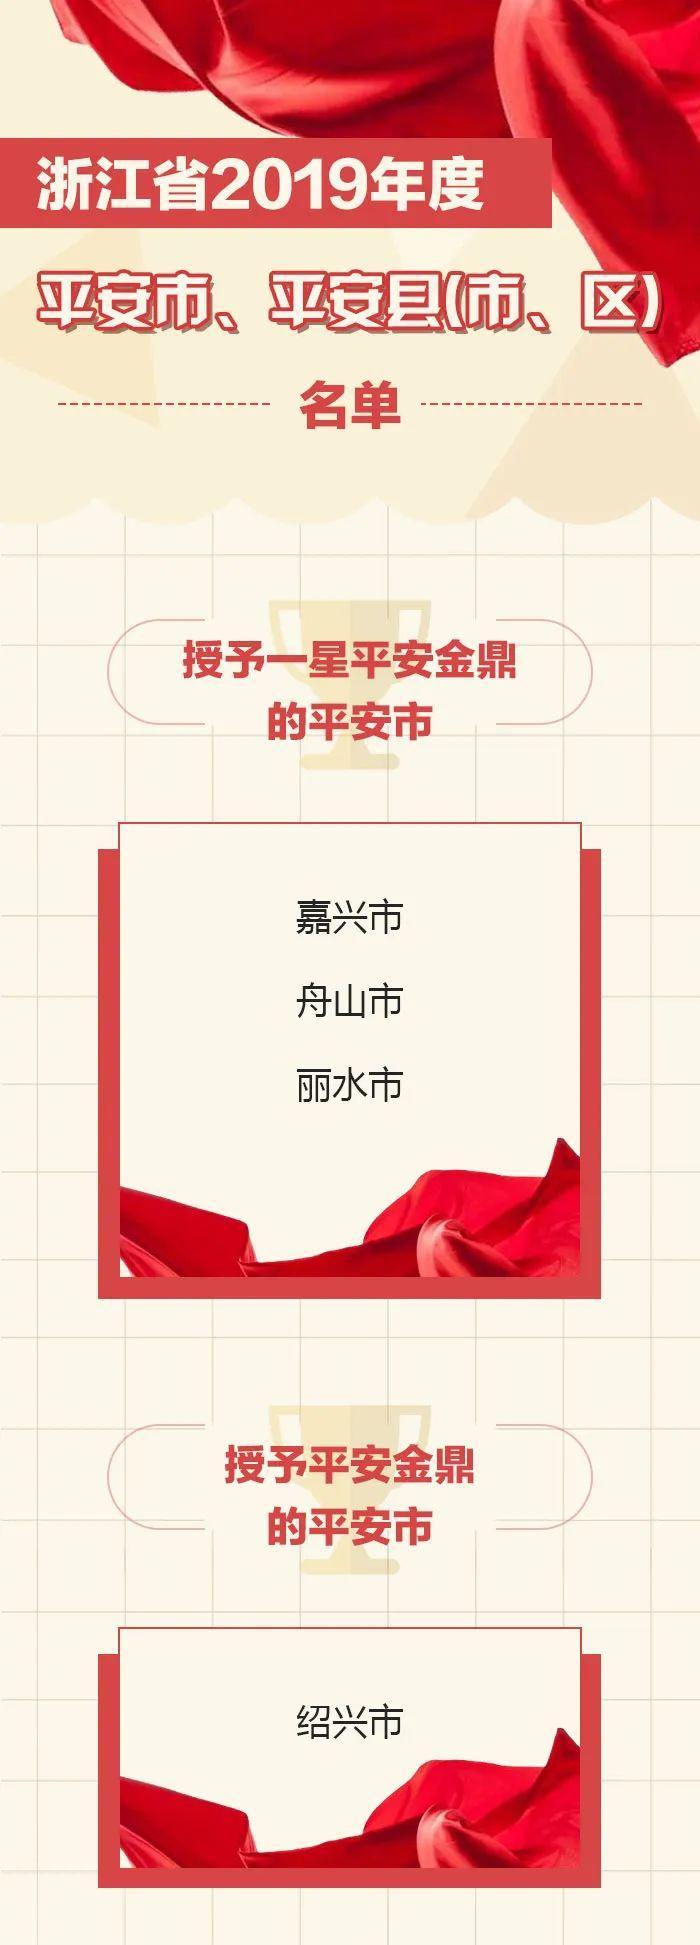 【浙江榜单】2019年度平安金鼎平安牌平安市|平安县(市、区)名单图1